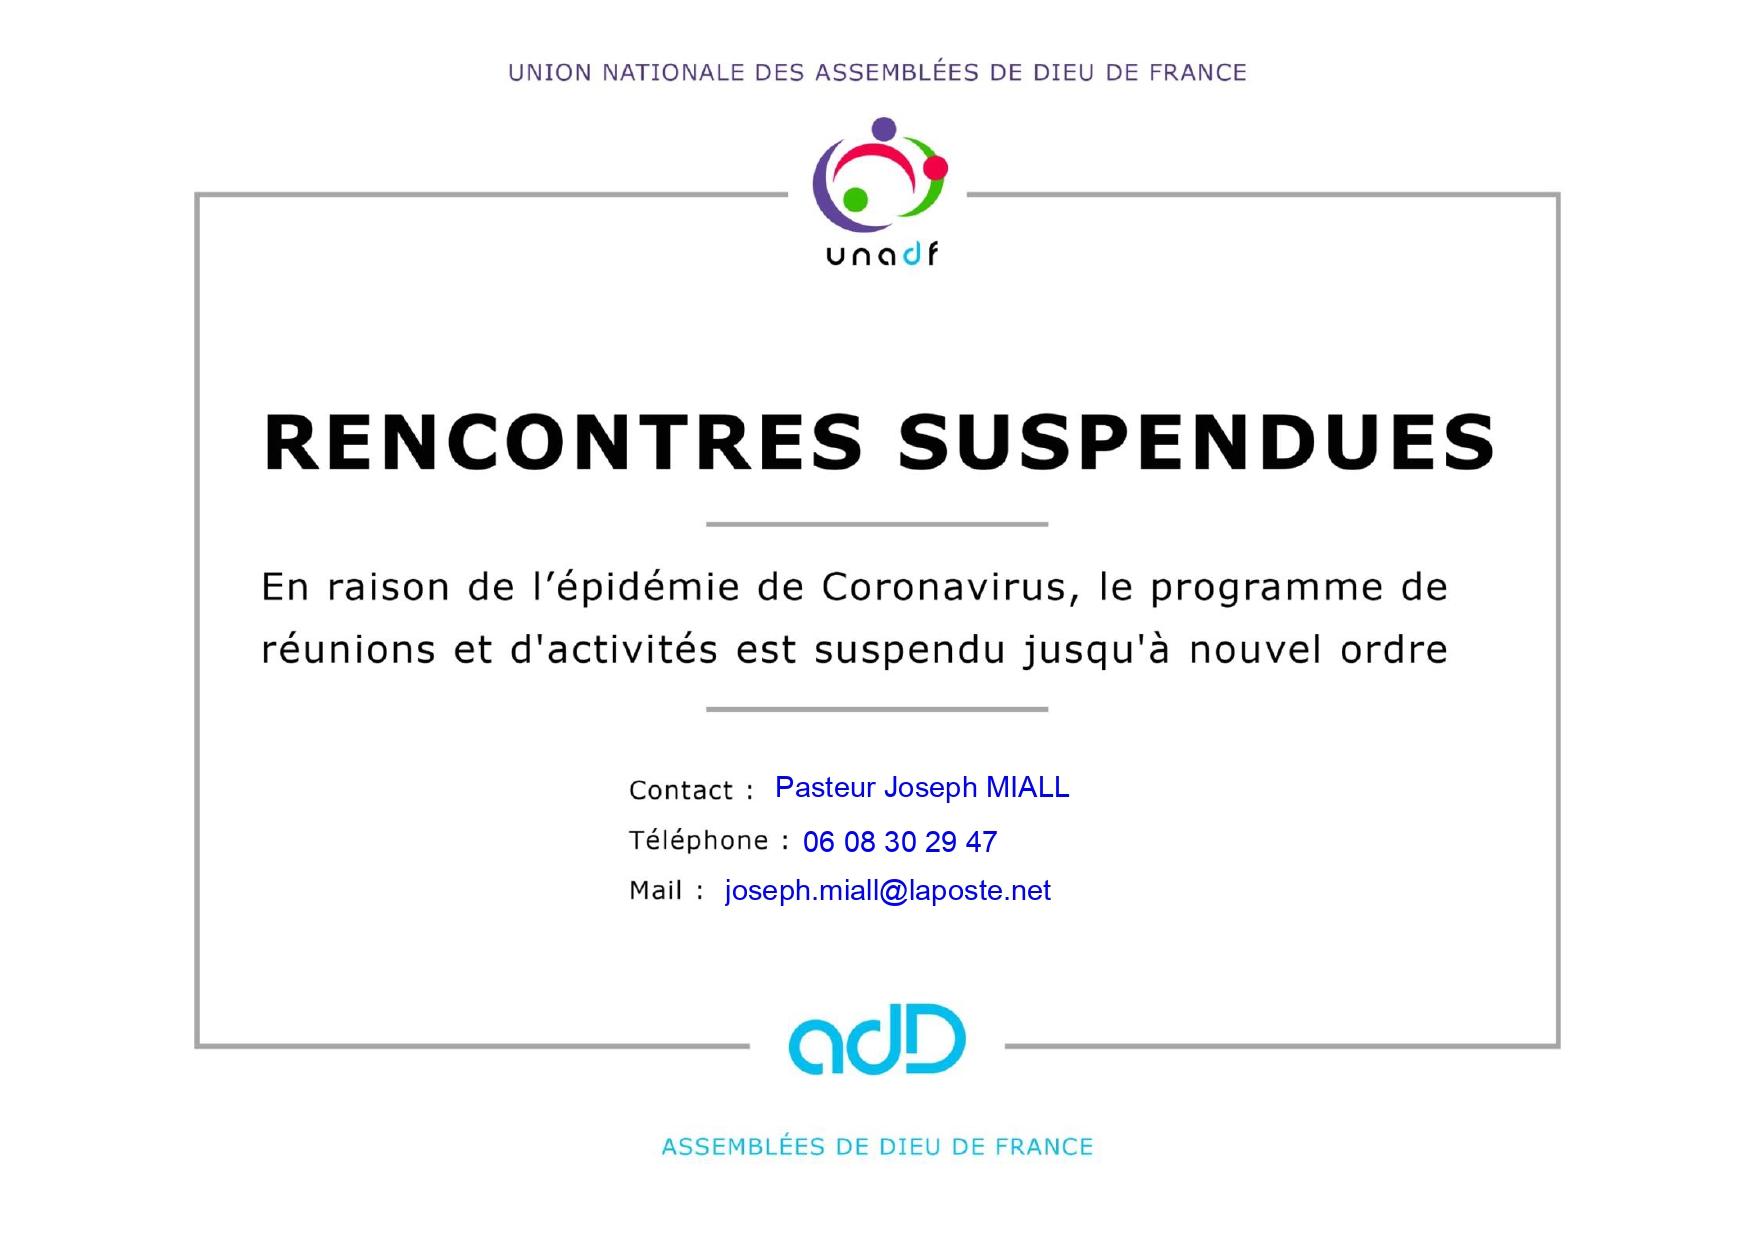 http://eglise.espoir-vie.fr/wp-content/uploads/2020/03/affiche-reunions-suspendues-Angoulême_page-0001.jpg